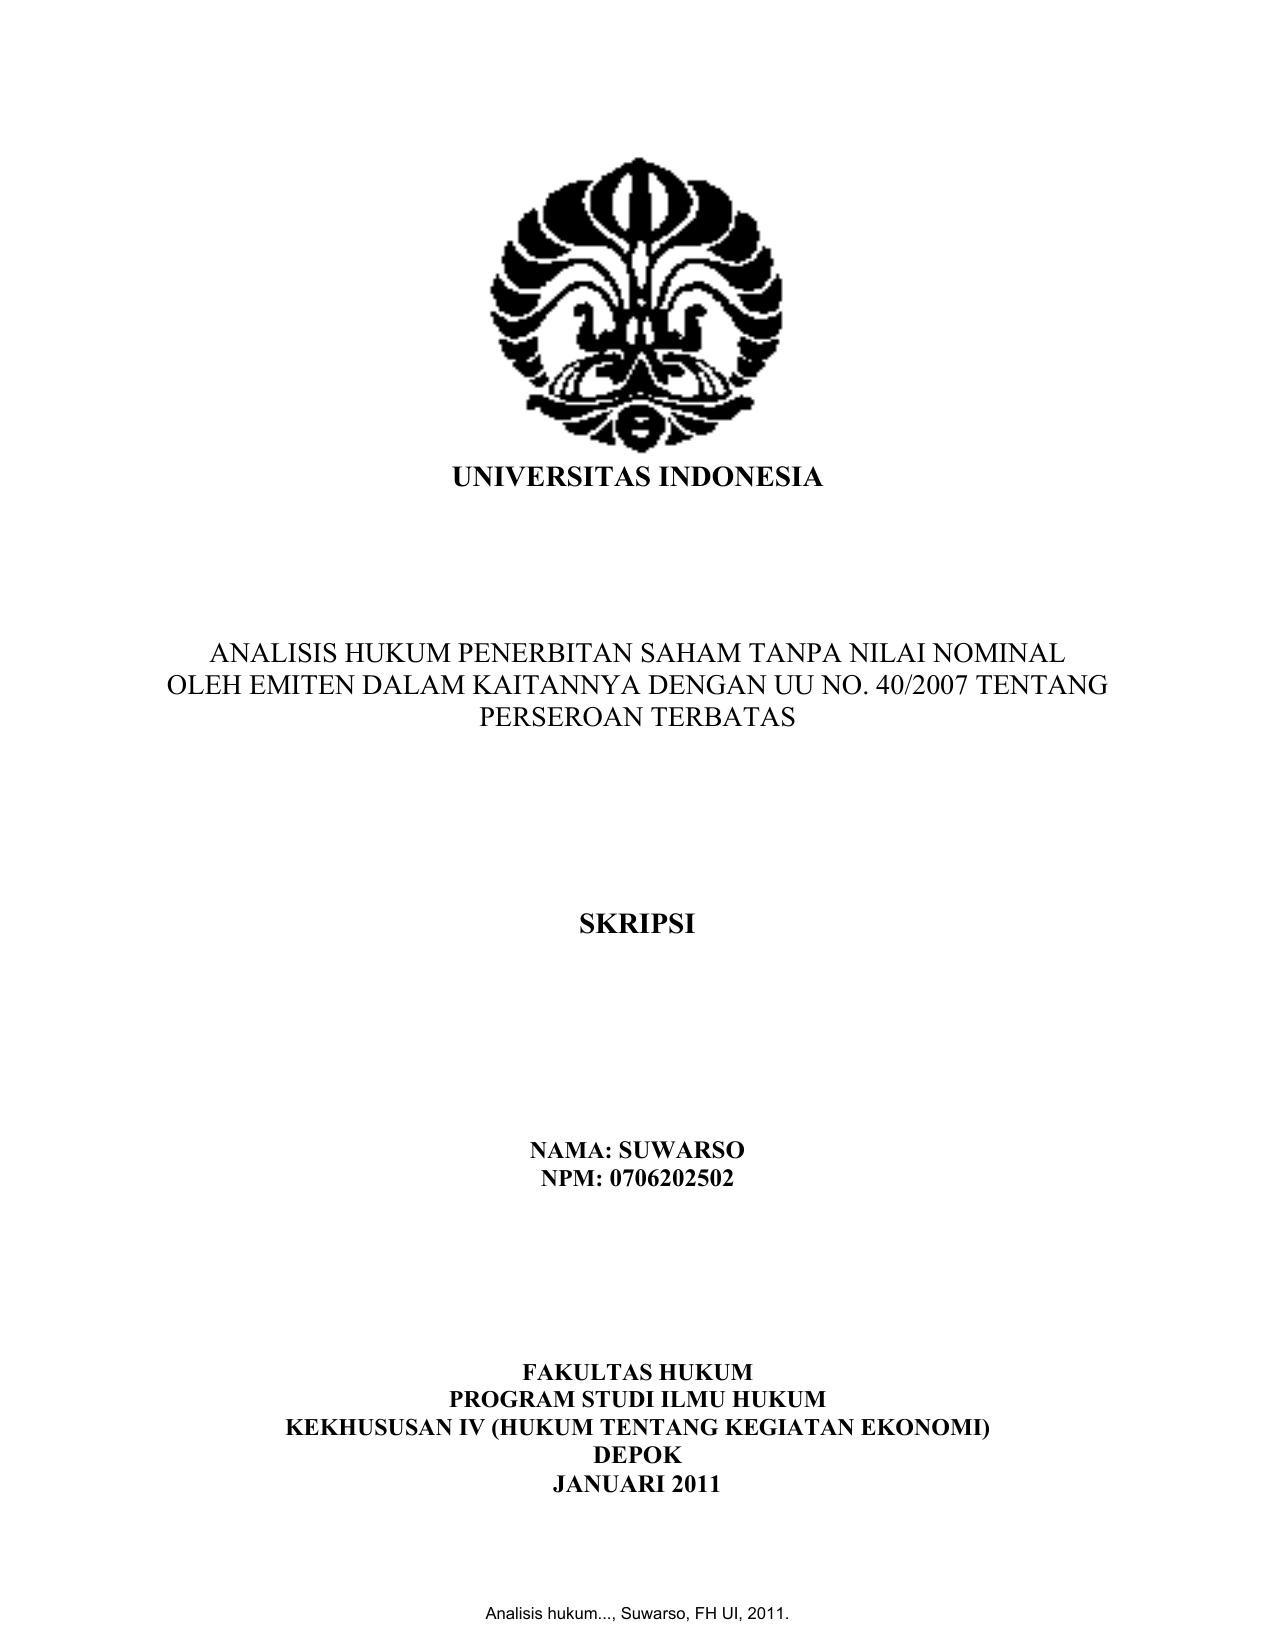 Judul Skripsi Hukum Perdata Ui Contoh Surat